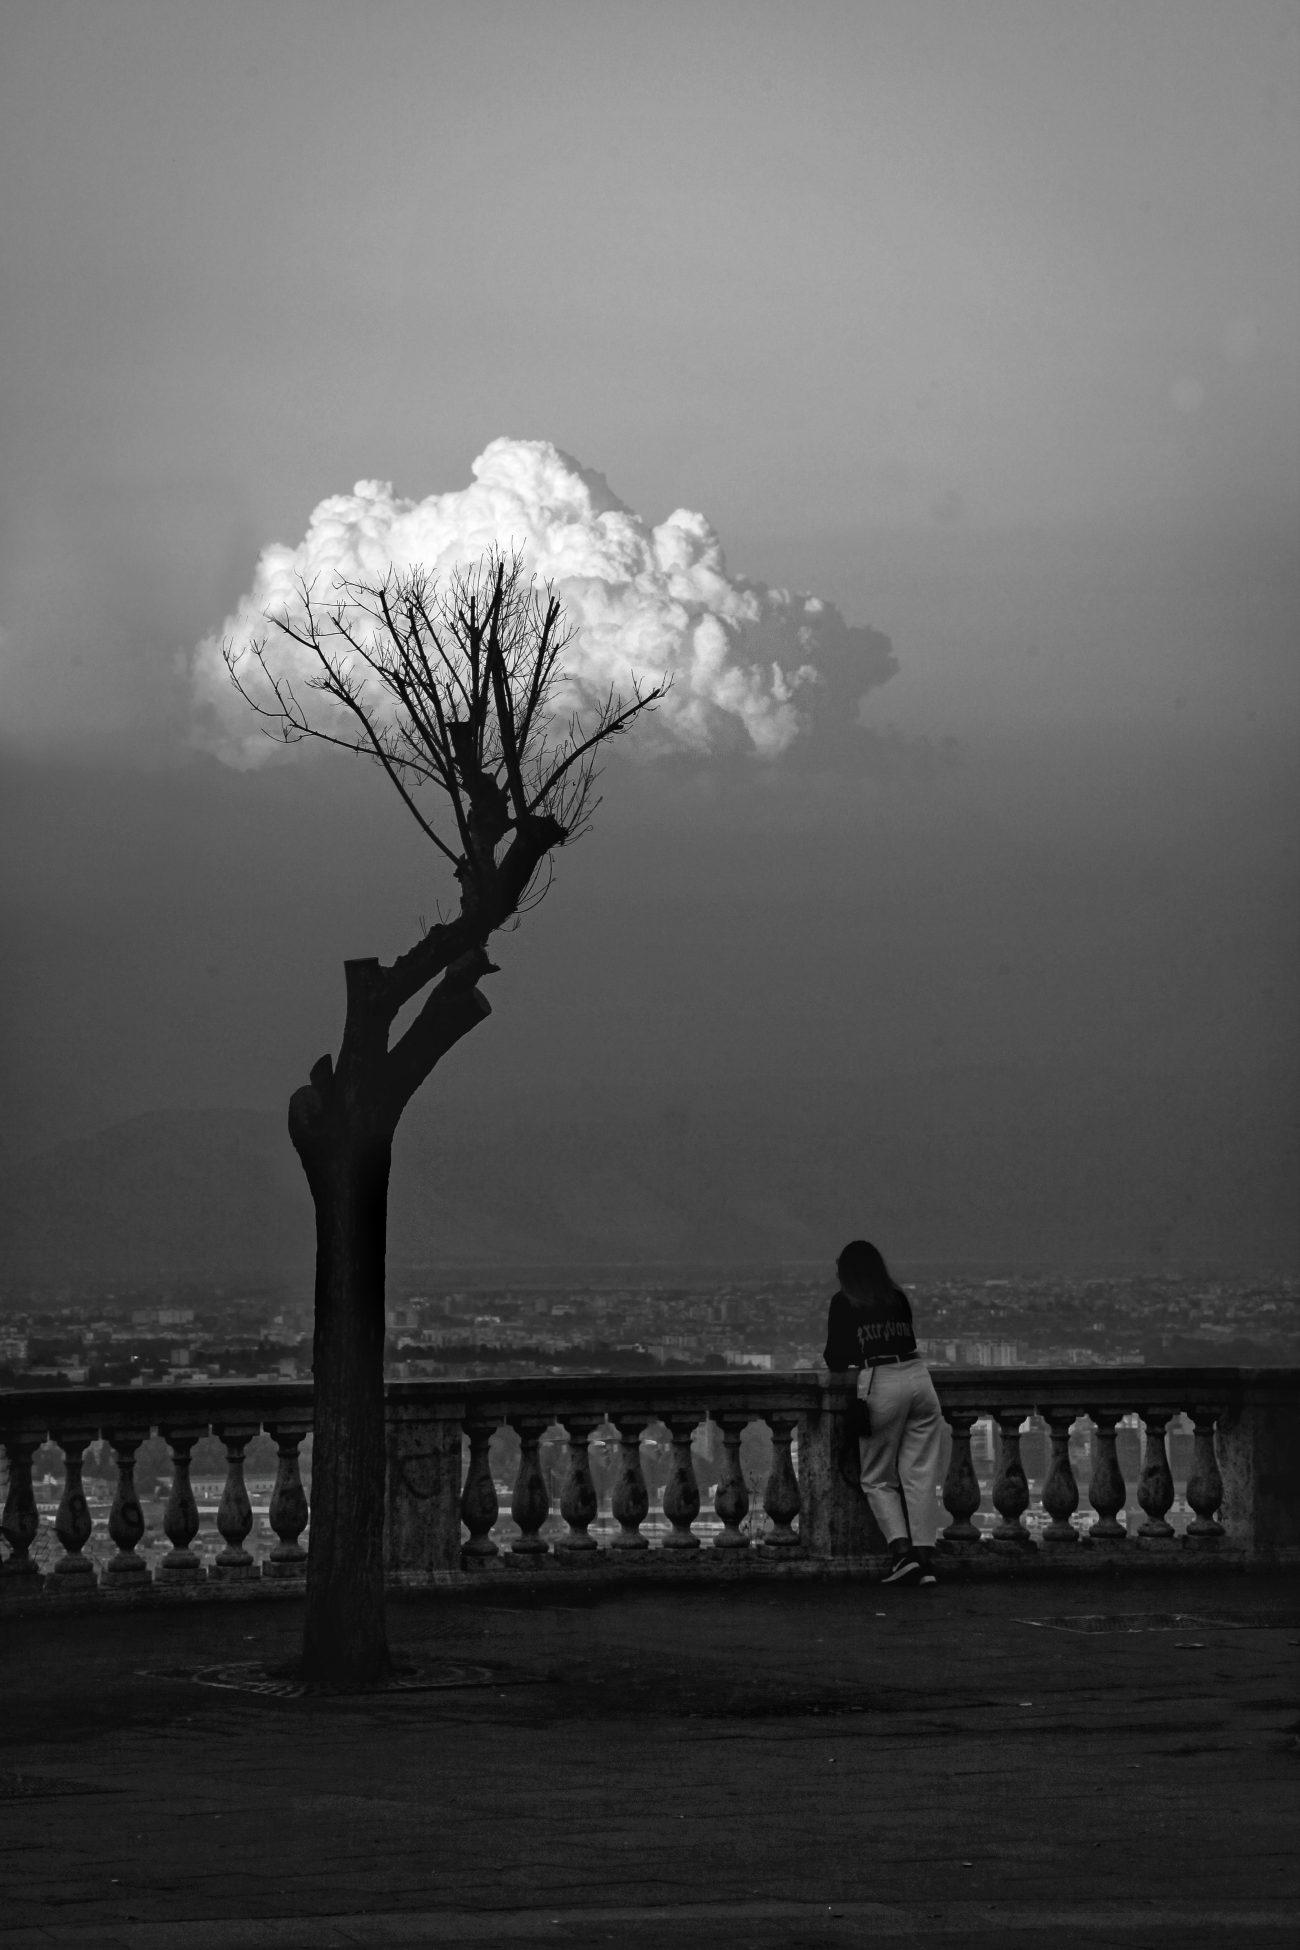 cloud di sax palumbo